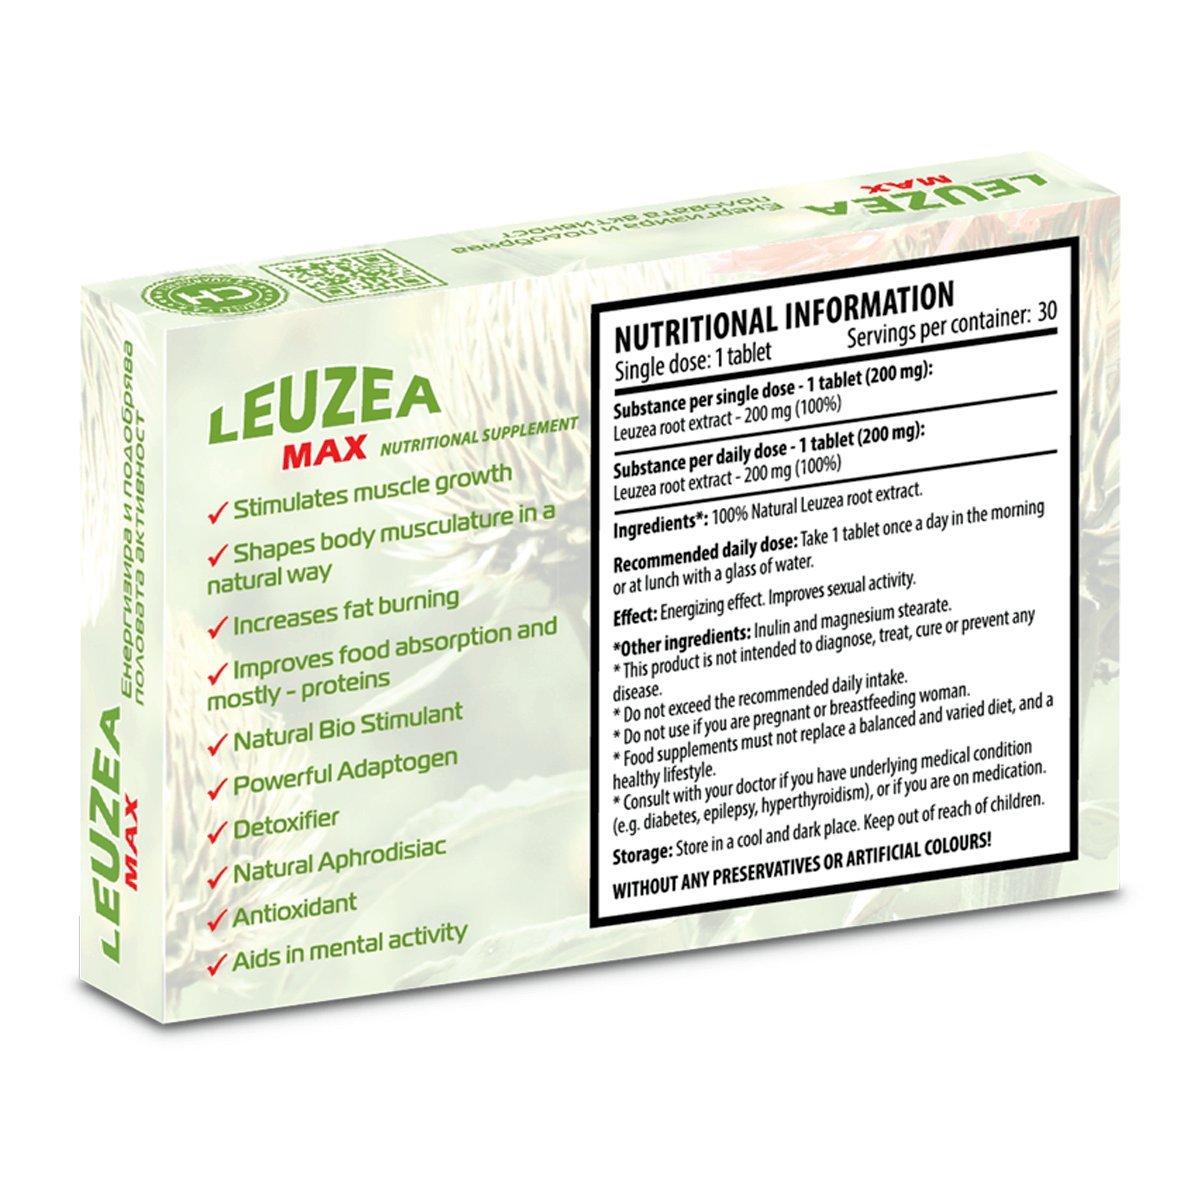 Leuzea Max - 30 tabletas x 200 mg de extracto de hierbas naturales, fuerza, resistencia, combustible muscular, músculo magro anabólico y aumento de masa y ...